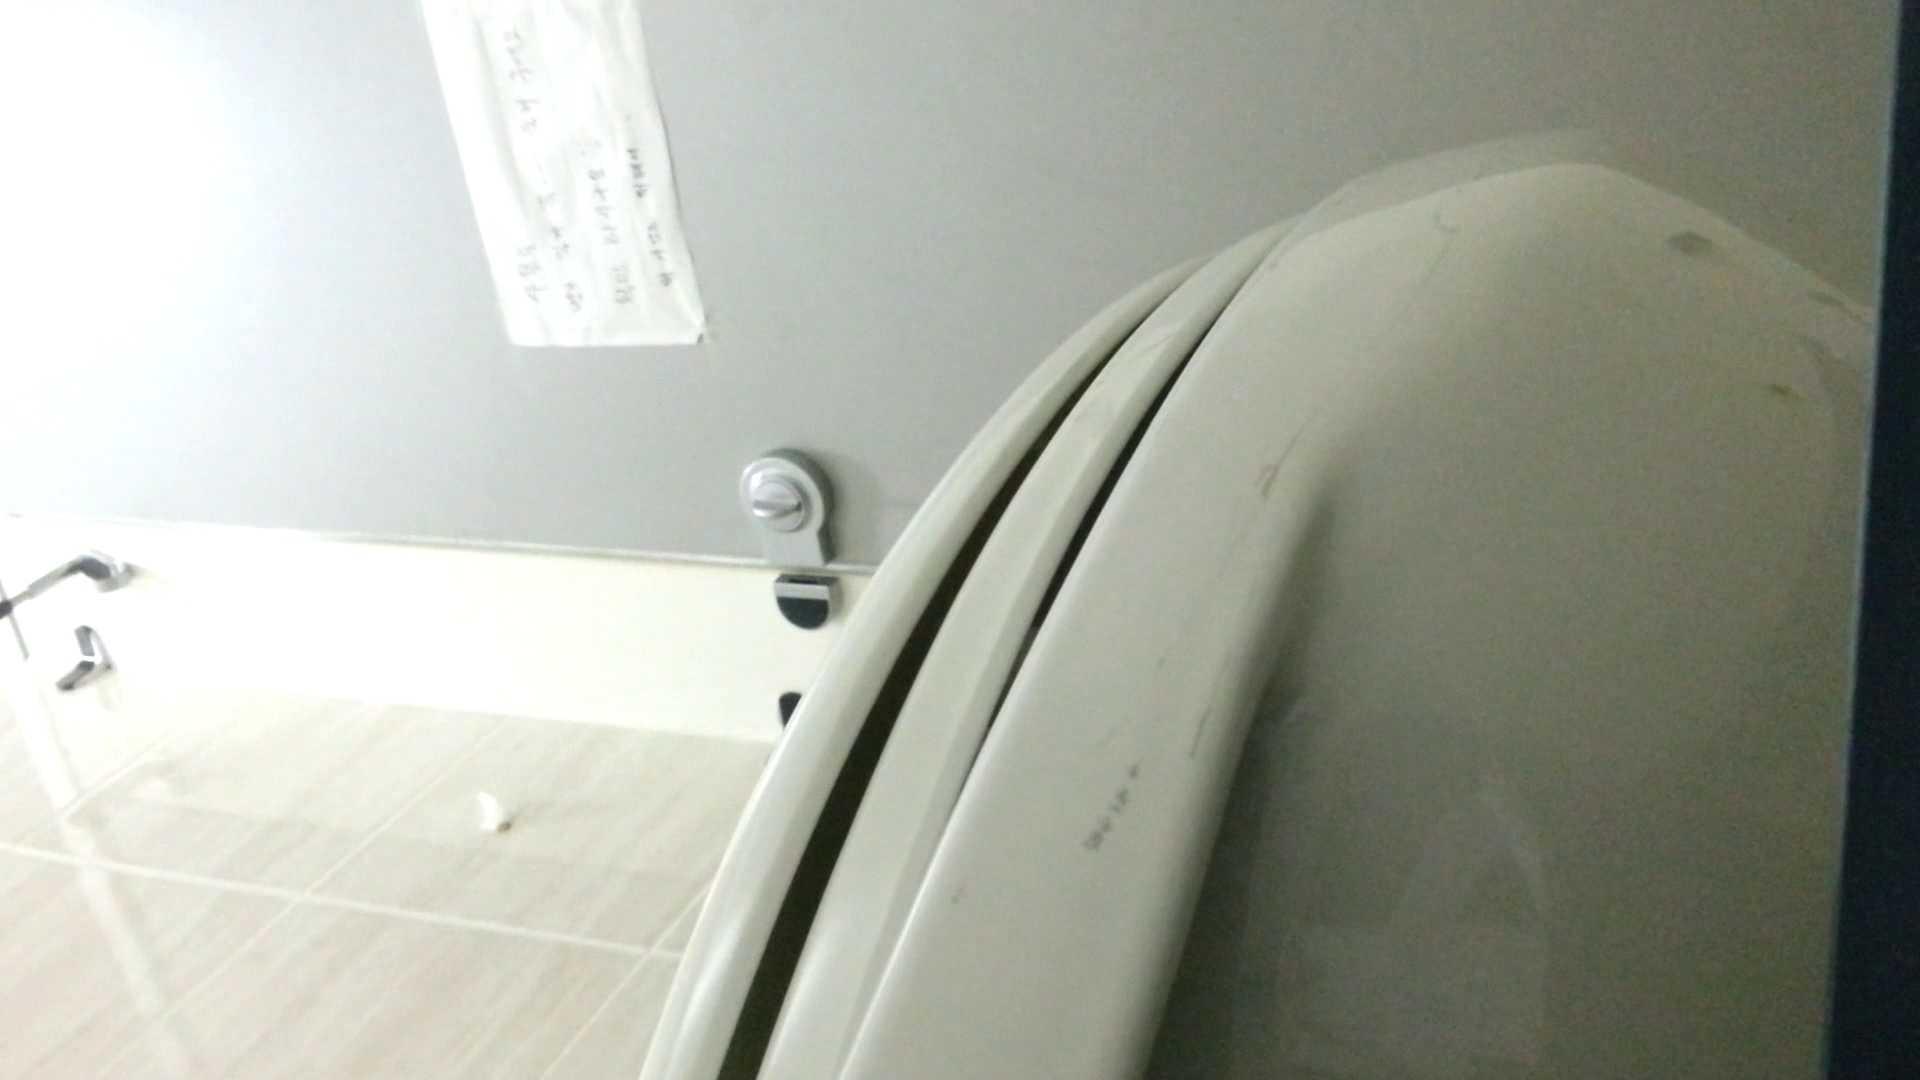 韓流トイレ盗撮vol.01 盗撮 | 韓流  95pic 17